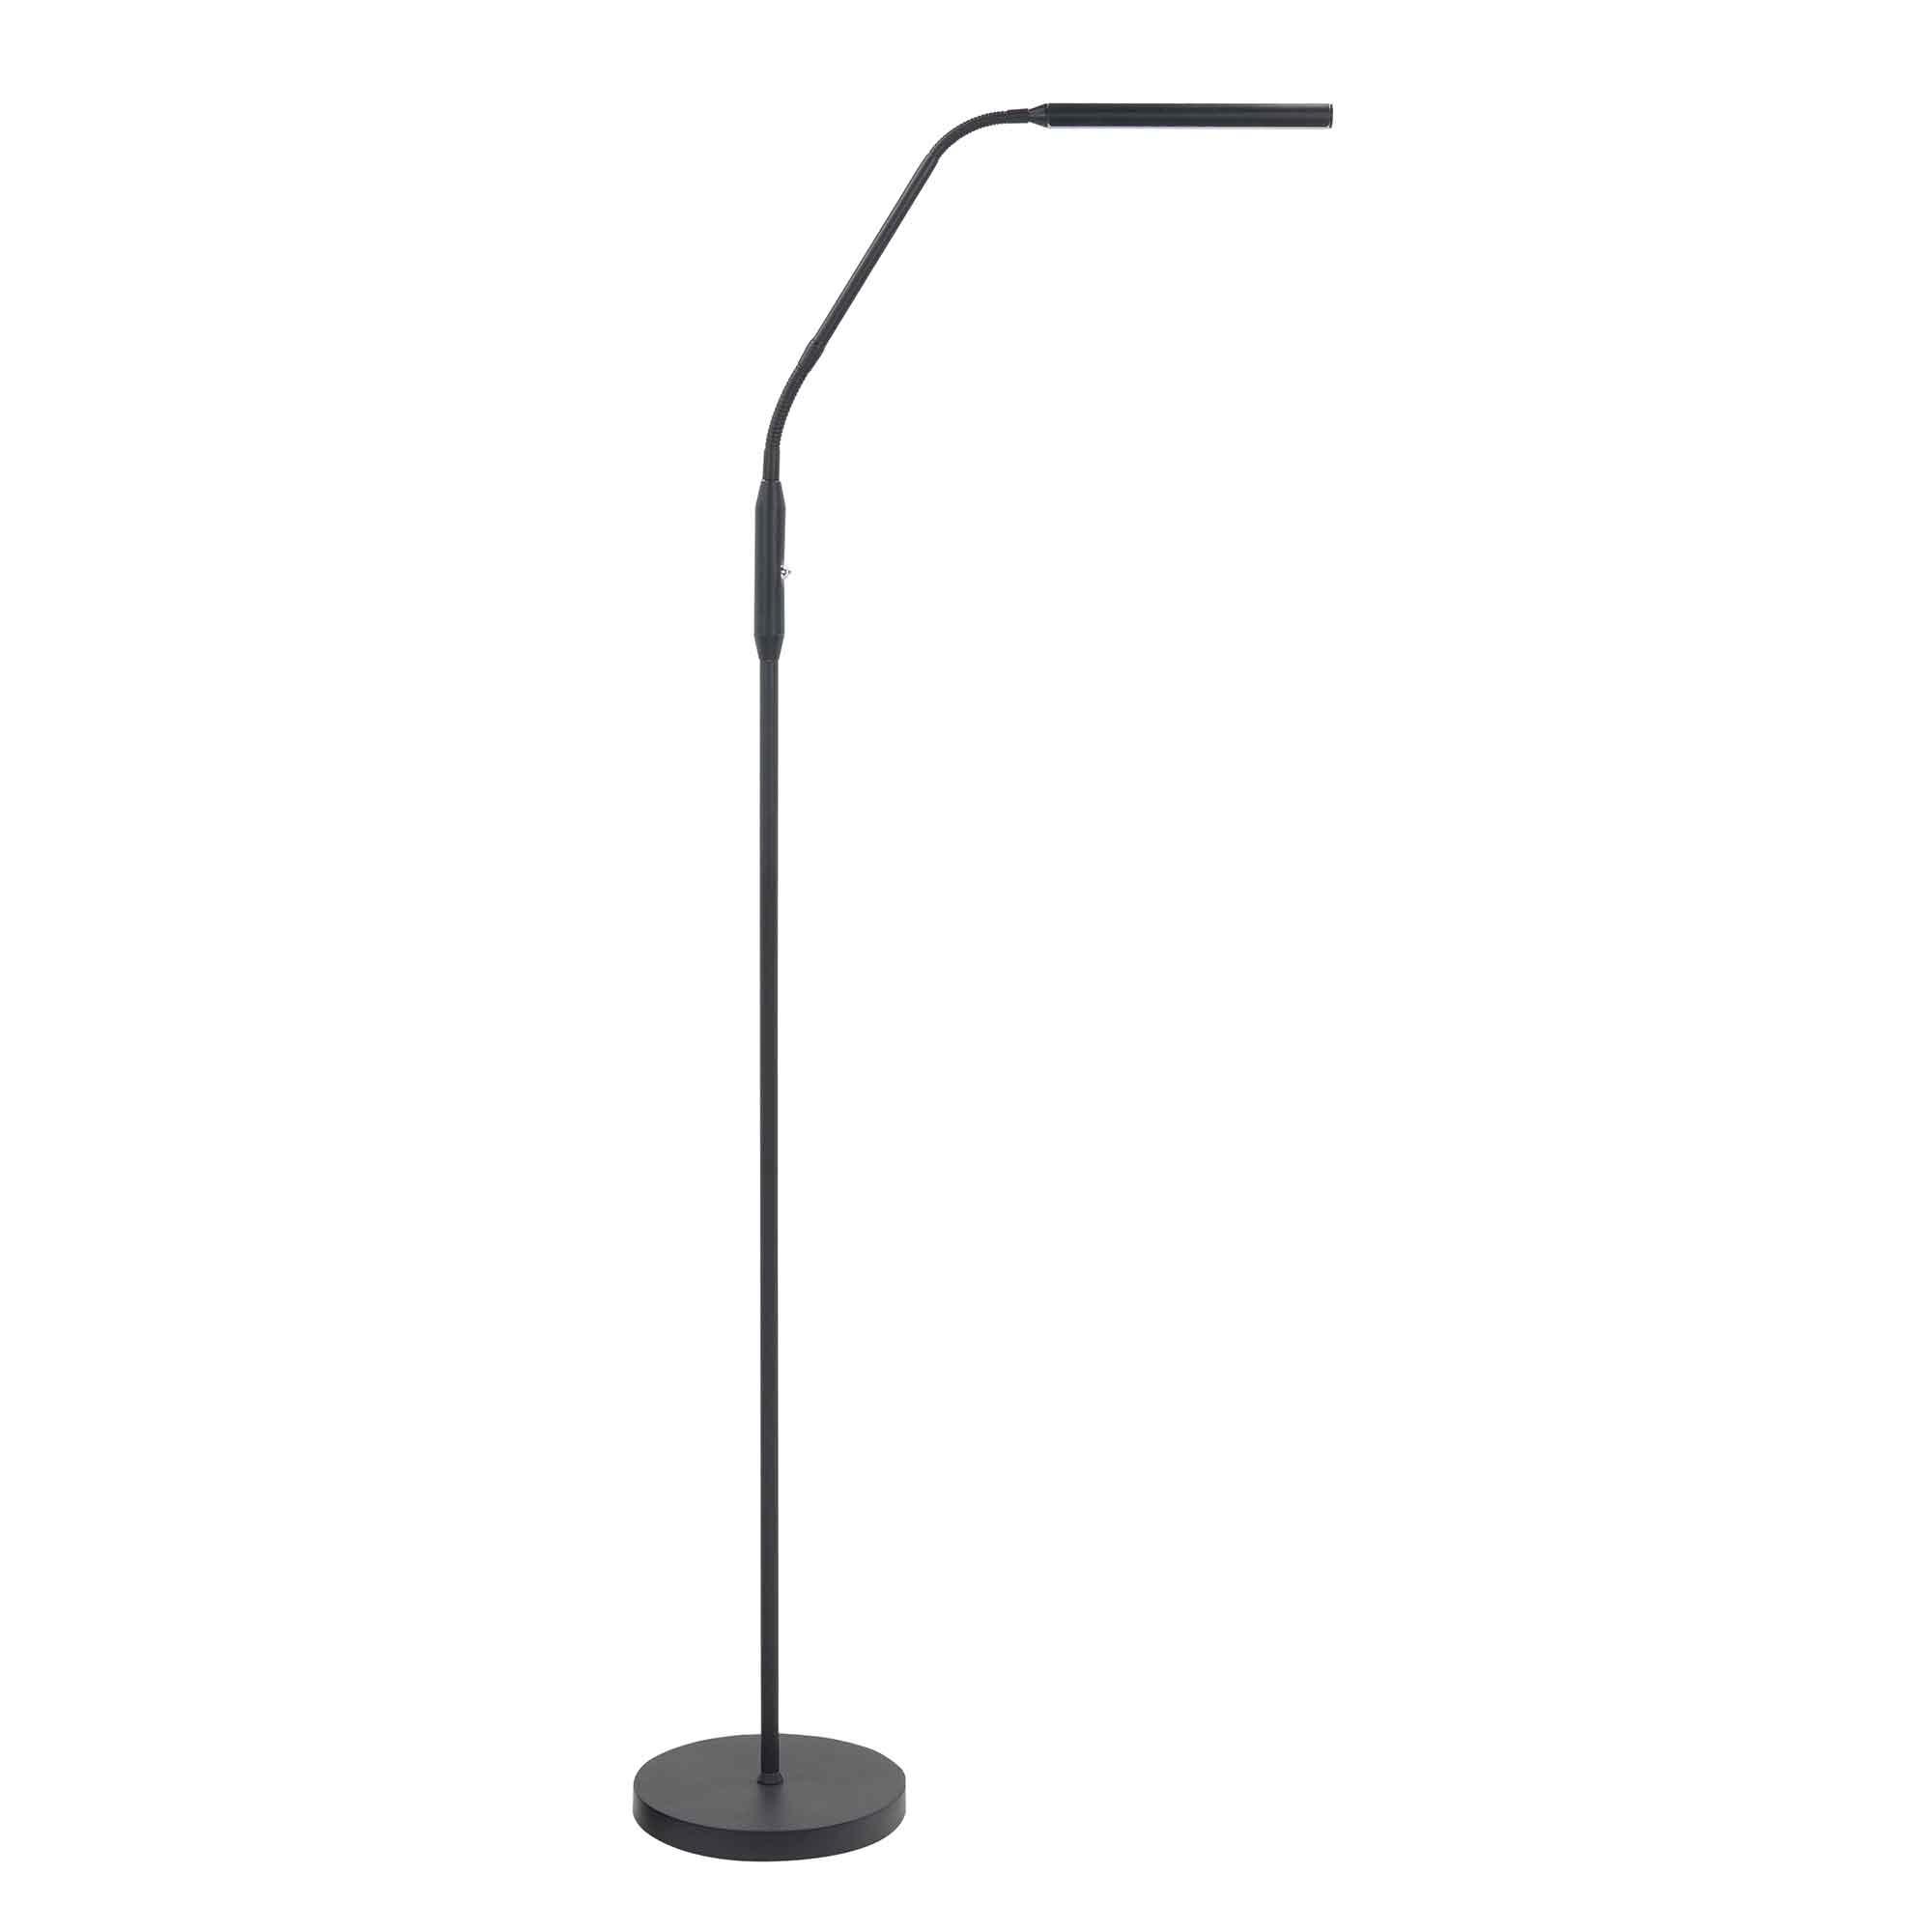 Highlight Vloerlamp Murcia H 145 cm zwart